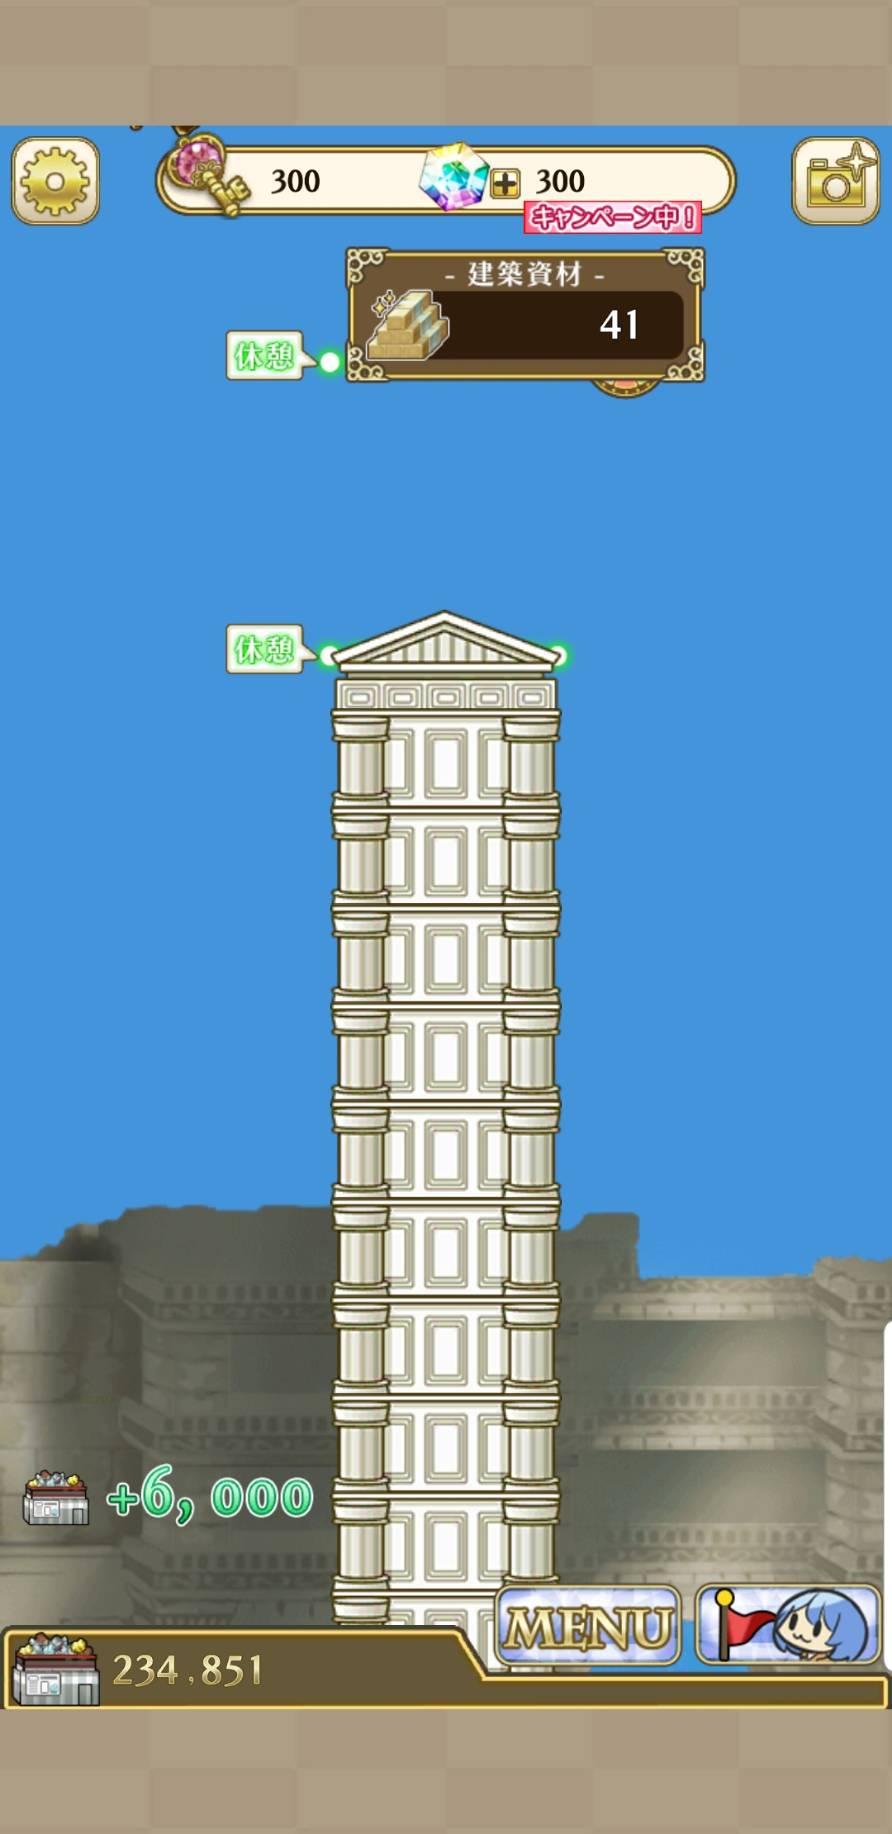 俺タワー、建設